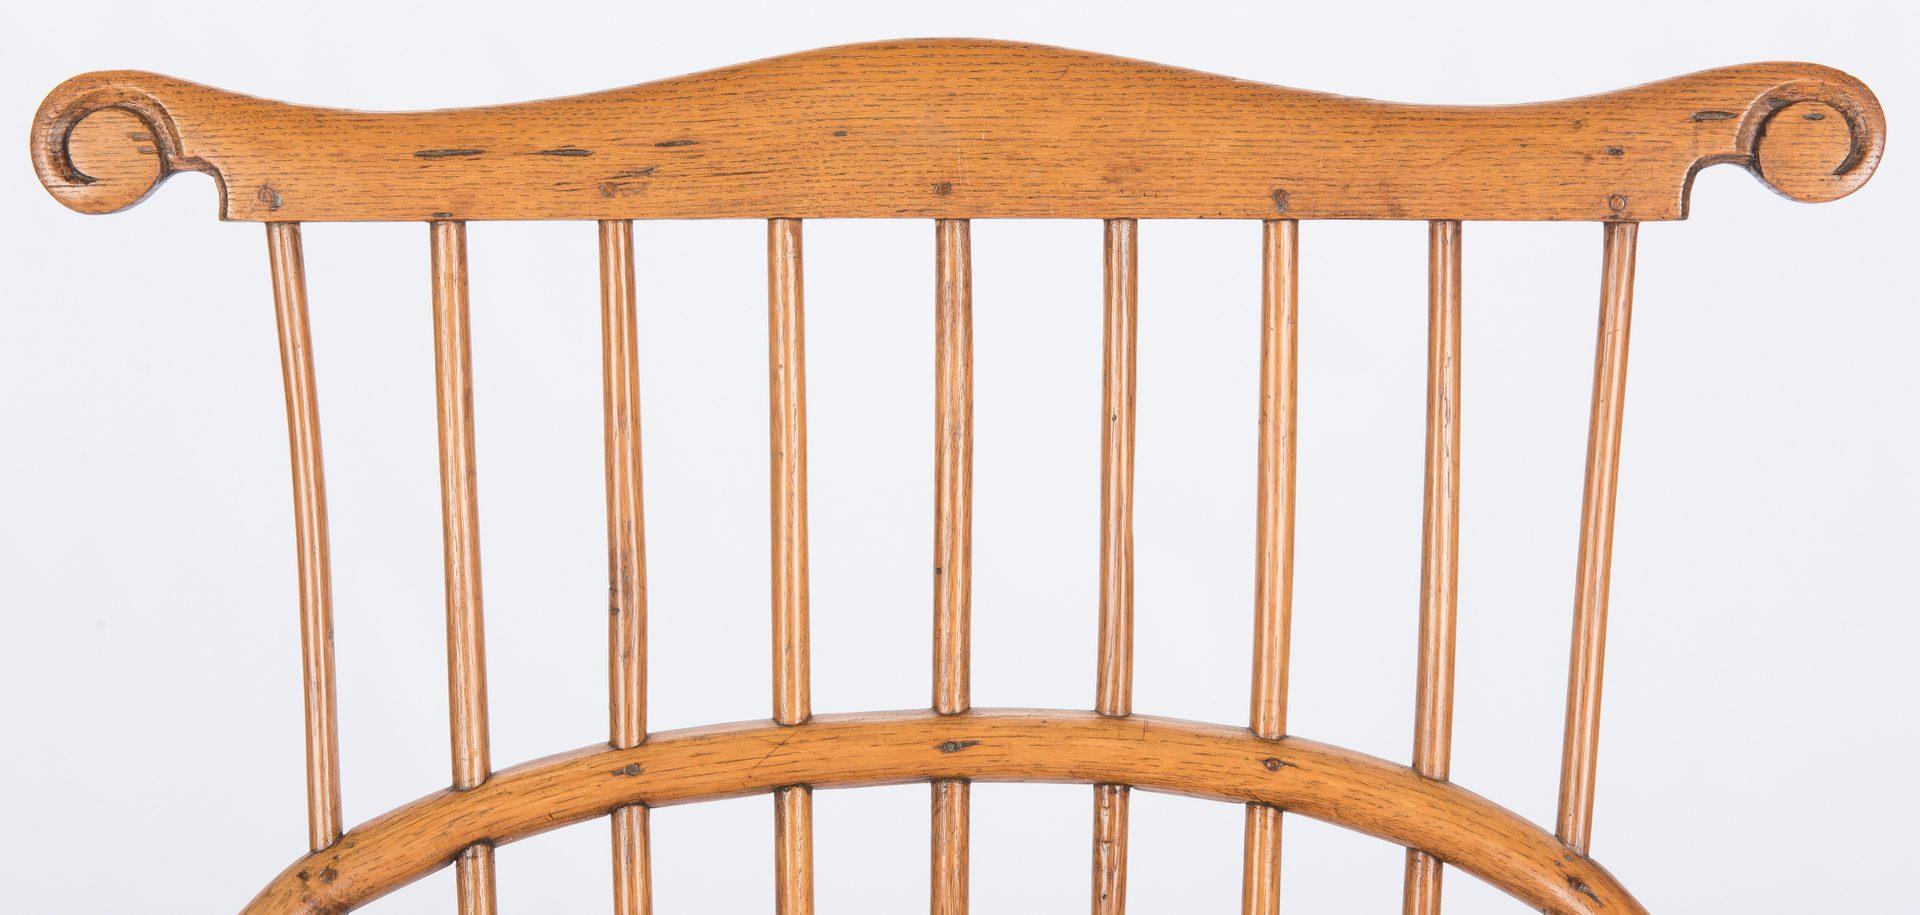 Lot 138: Comb back continous arm Windsor